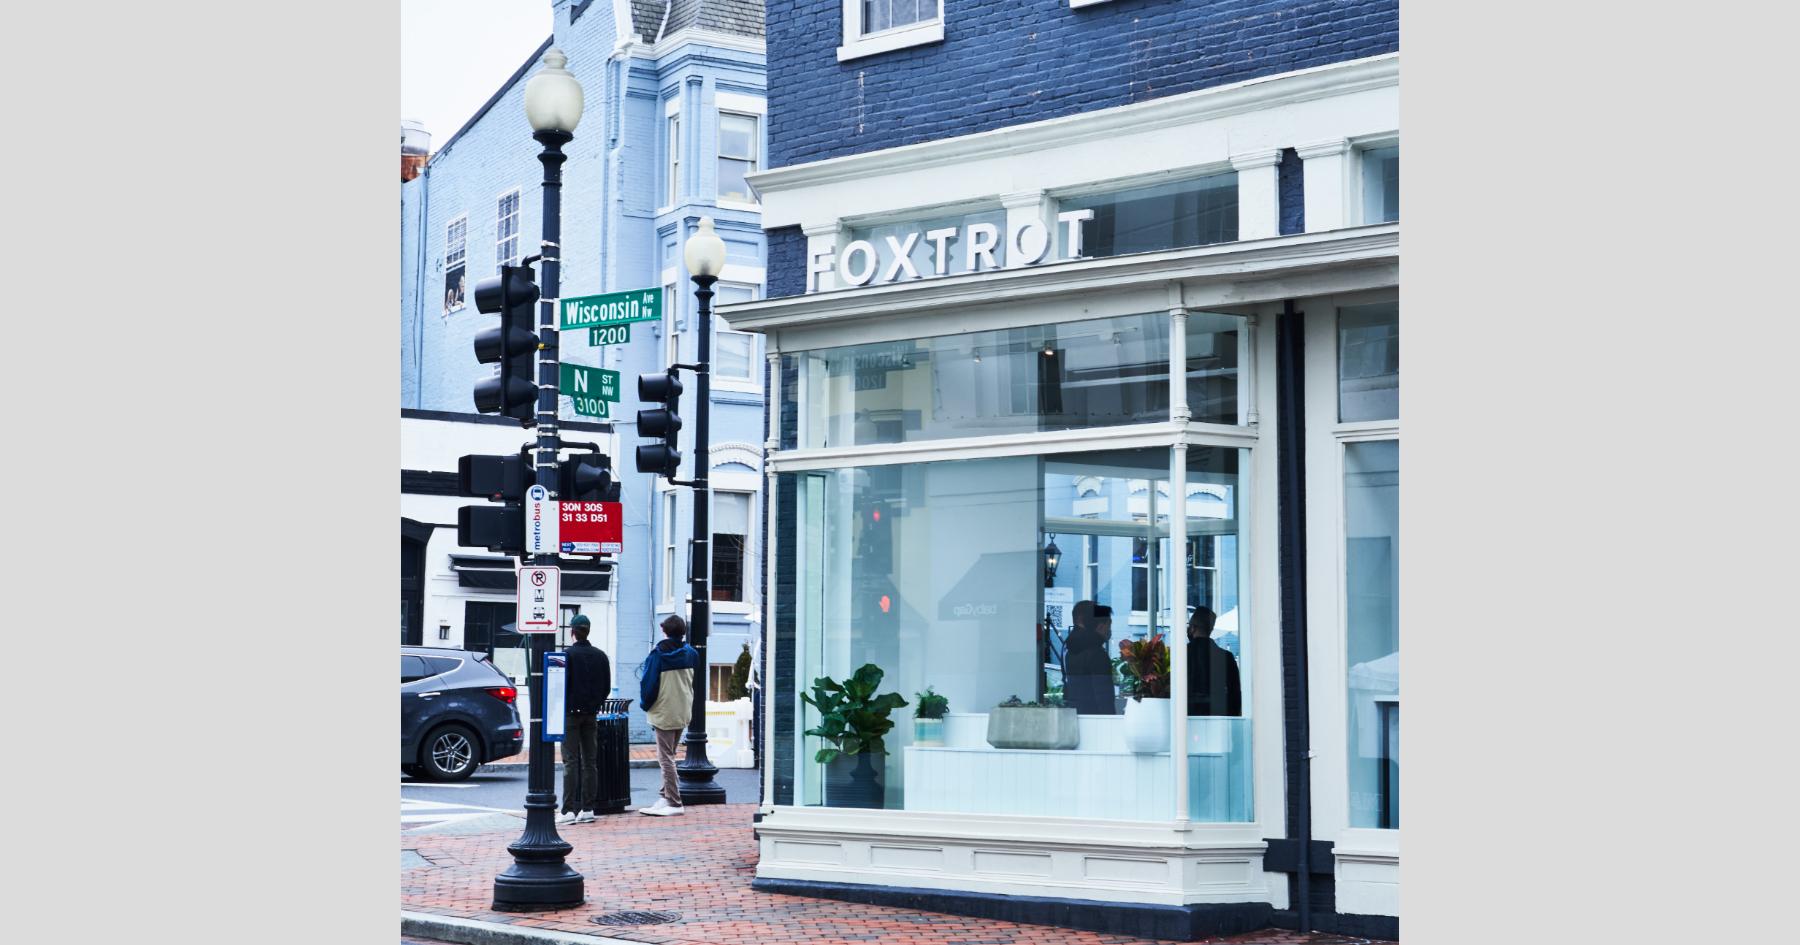 Foxtrot D.C. Georgetown exterior